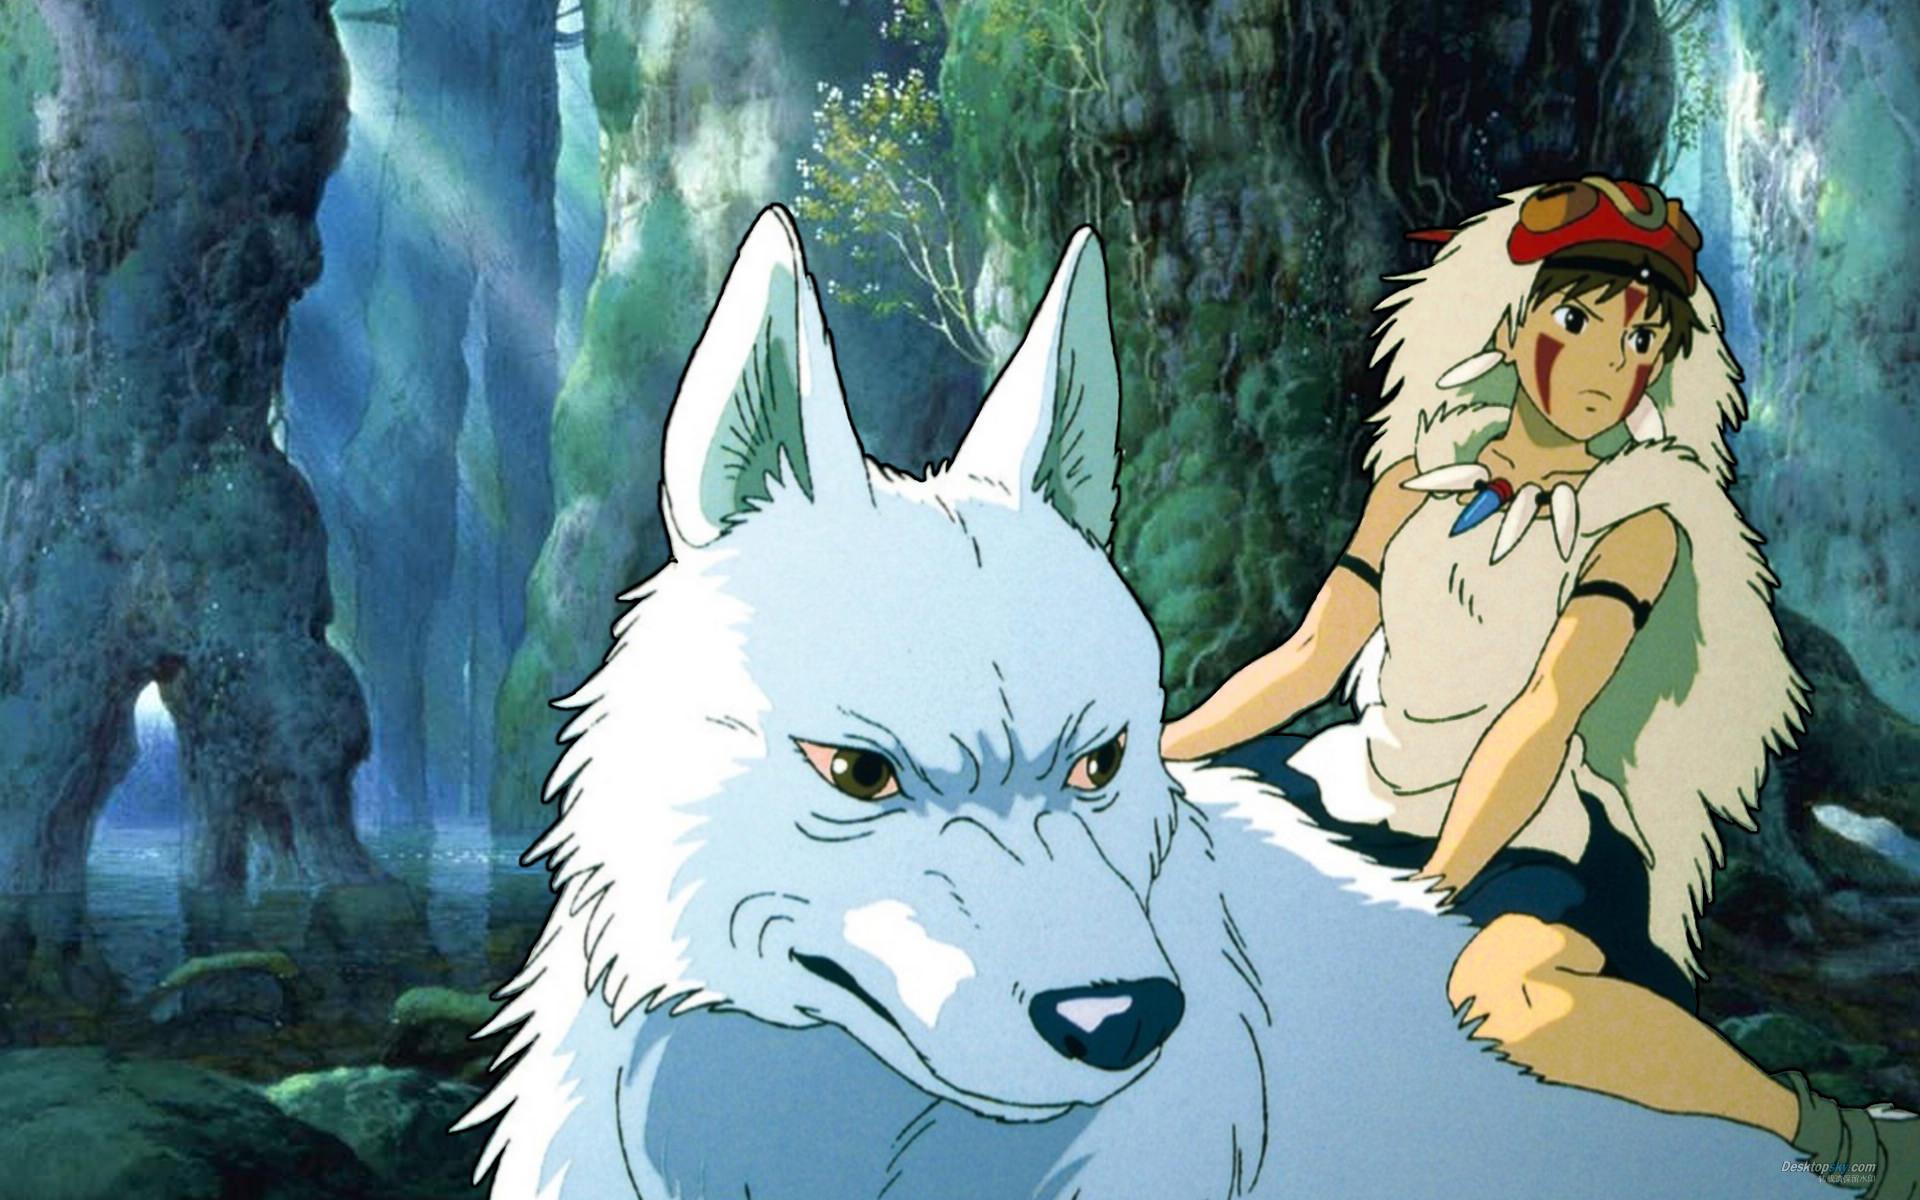 魔法公主_你真的看懂《魔法公主》了嗎?其實這是一部探討人與自然之間 ...